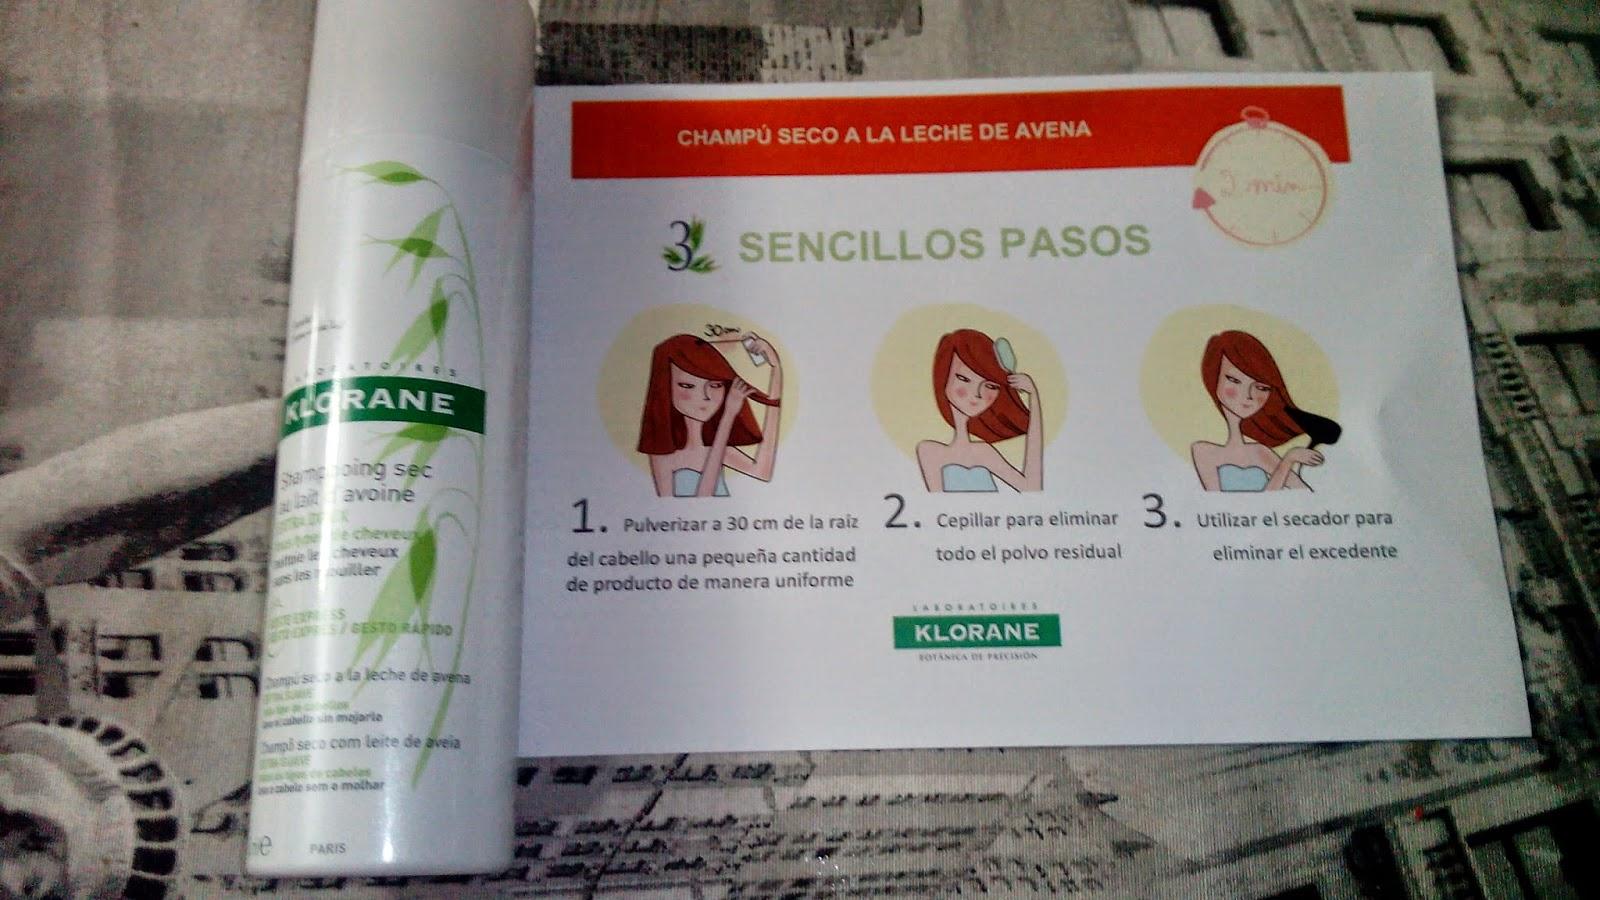 cosmetik limpieza pelo spray seco klorane